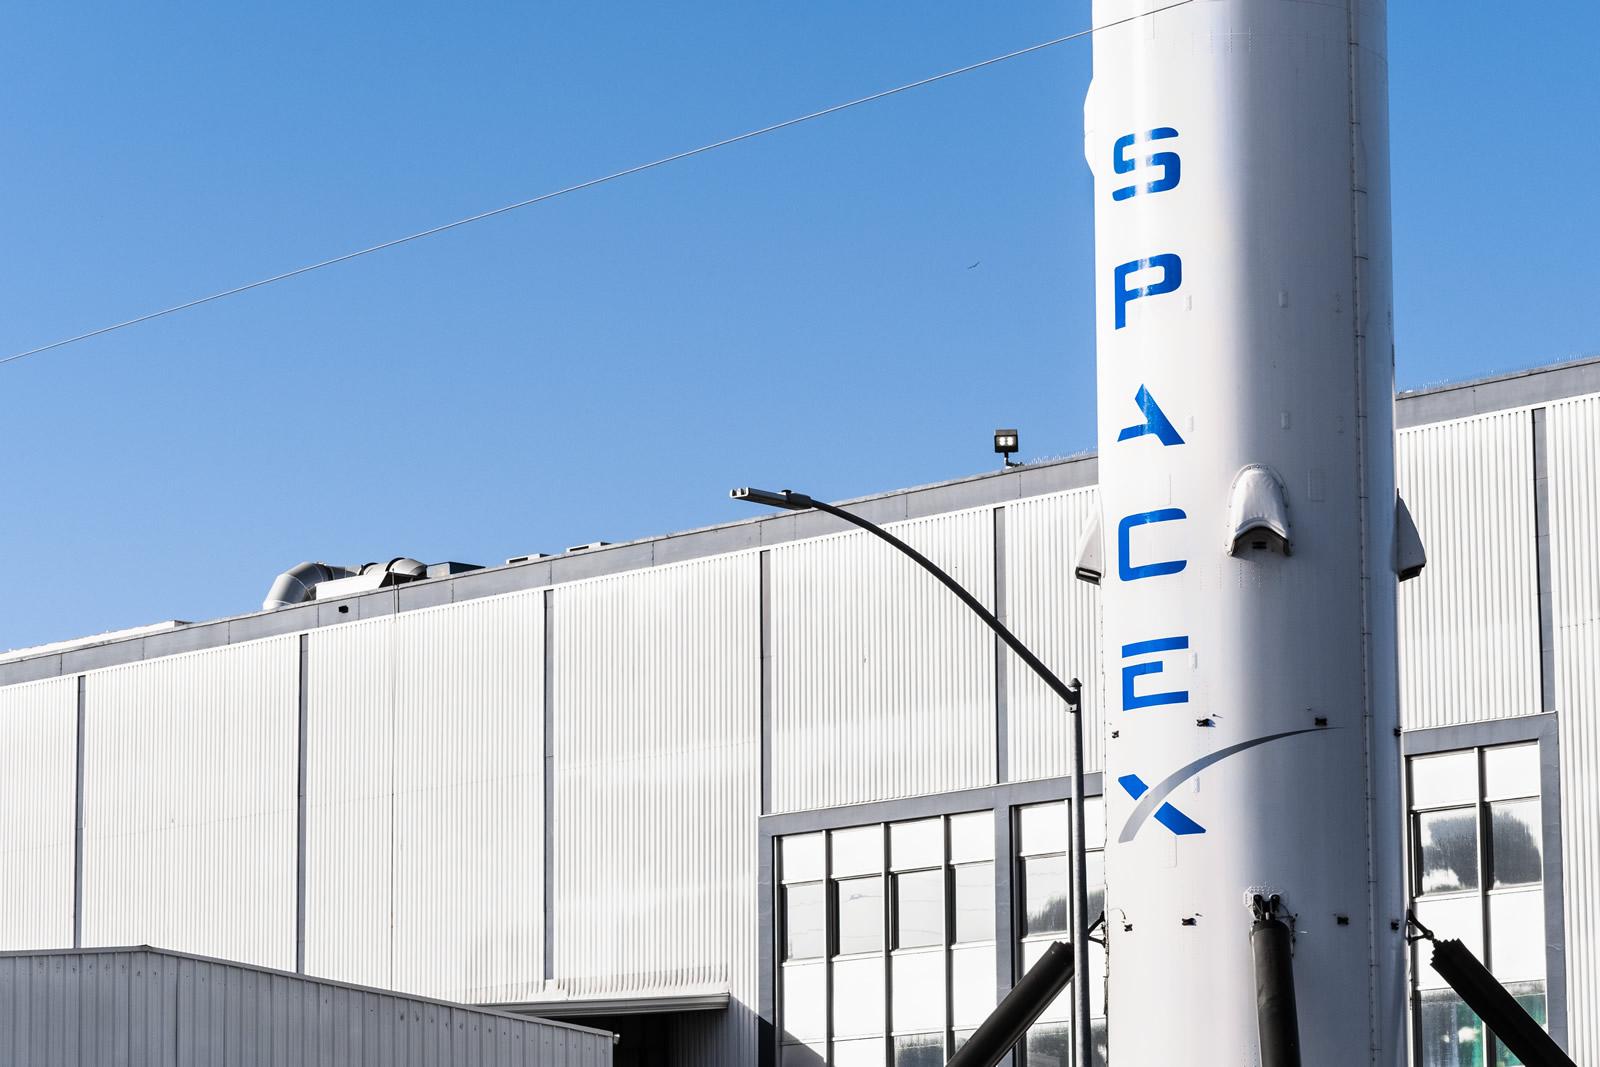 太空探索技術公司